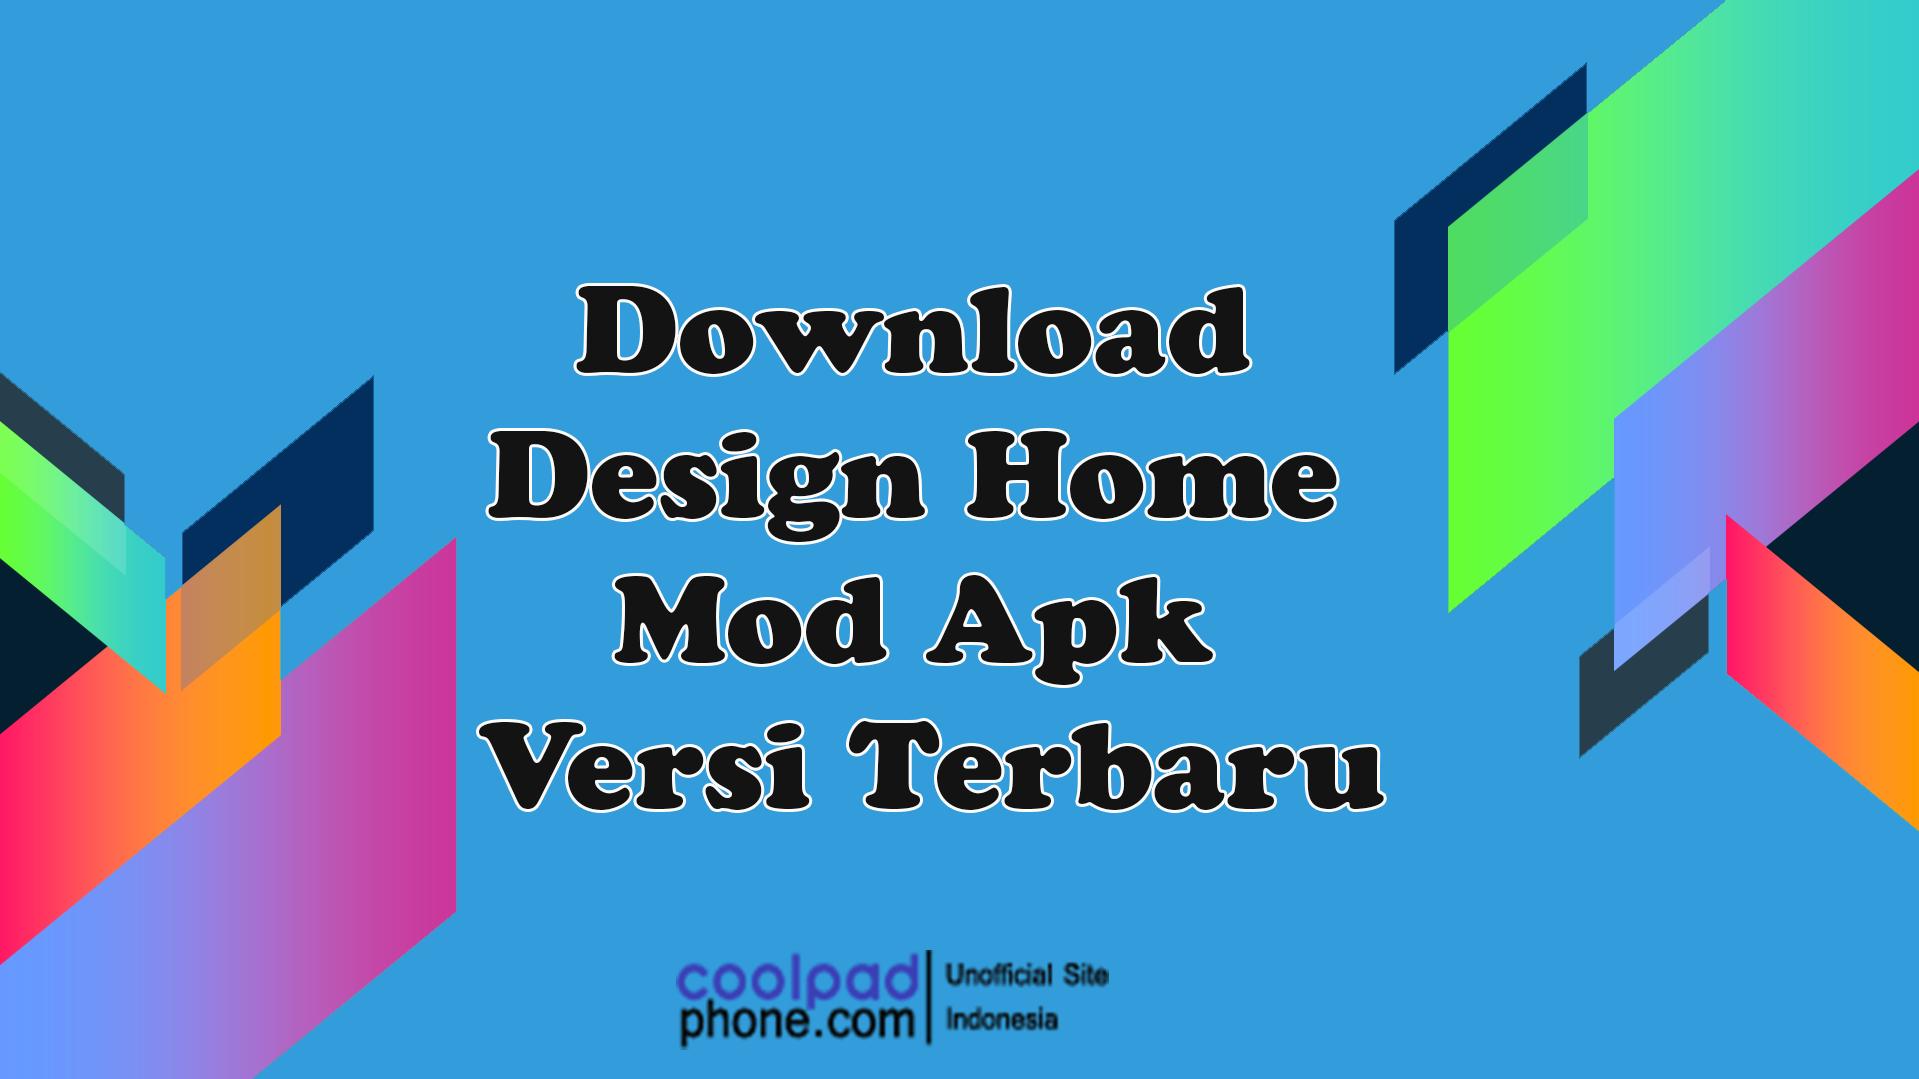 Design-Home-Mod-Apk